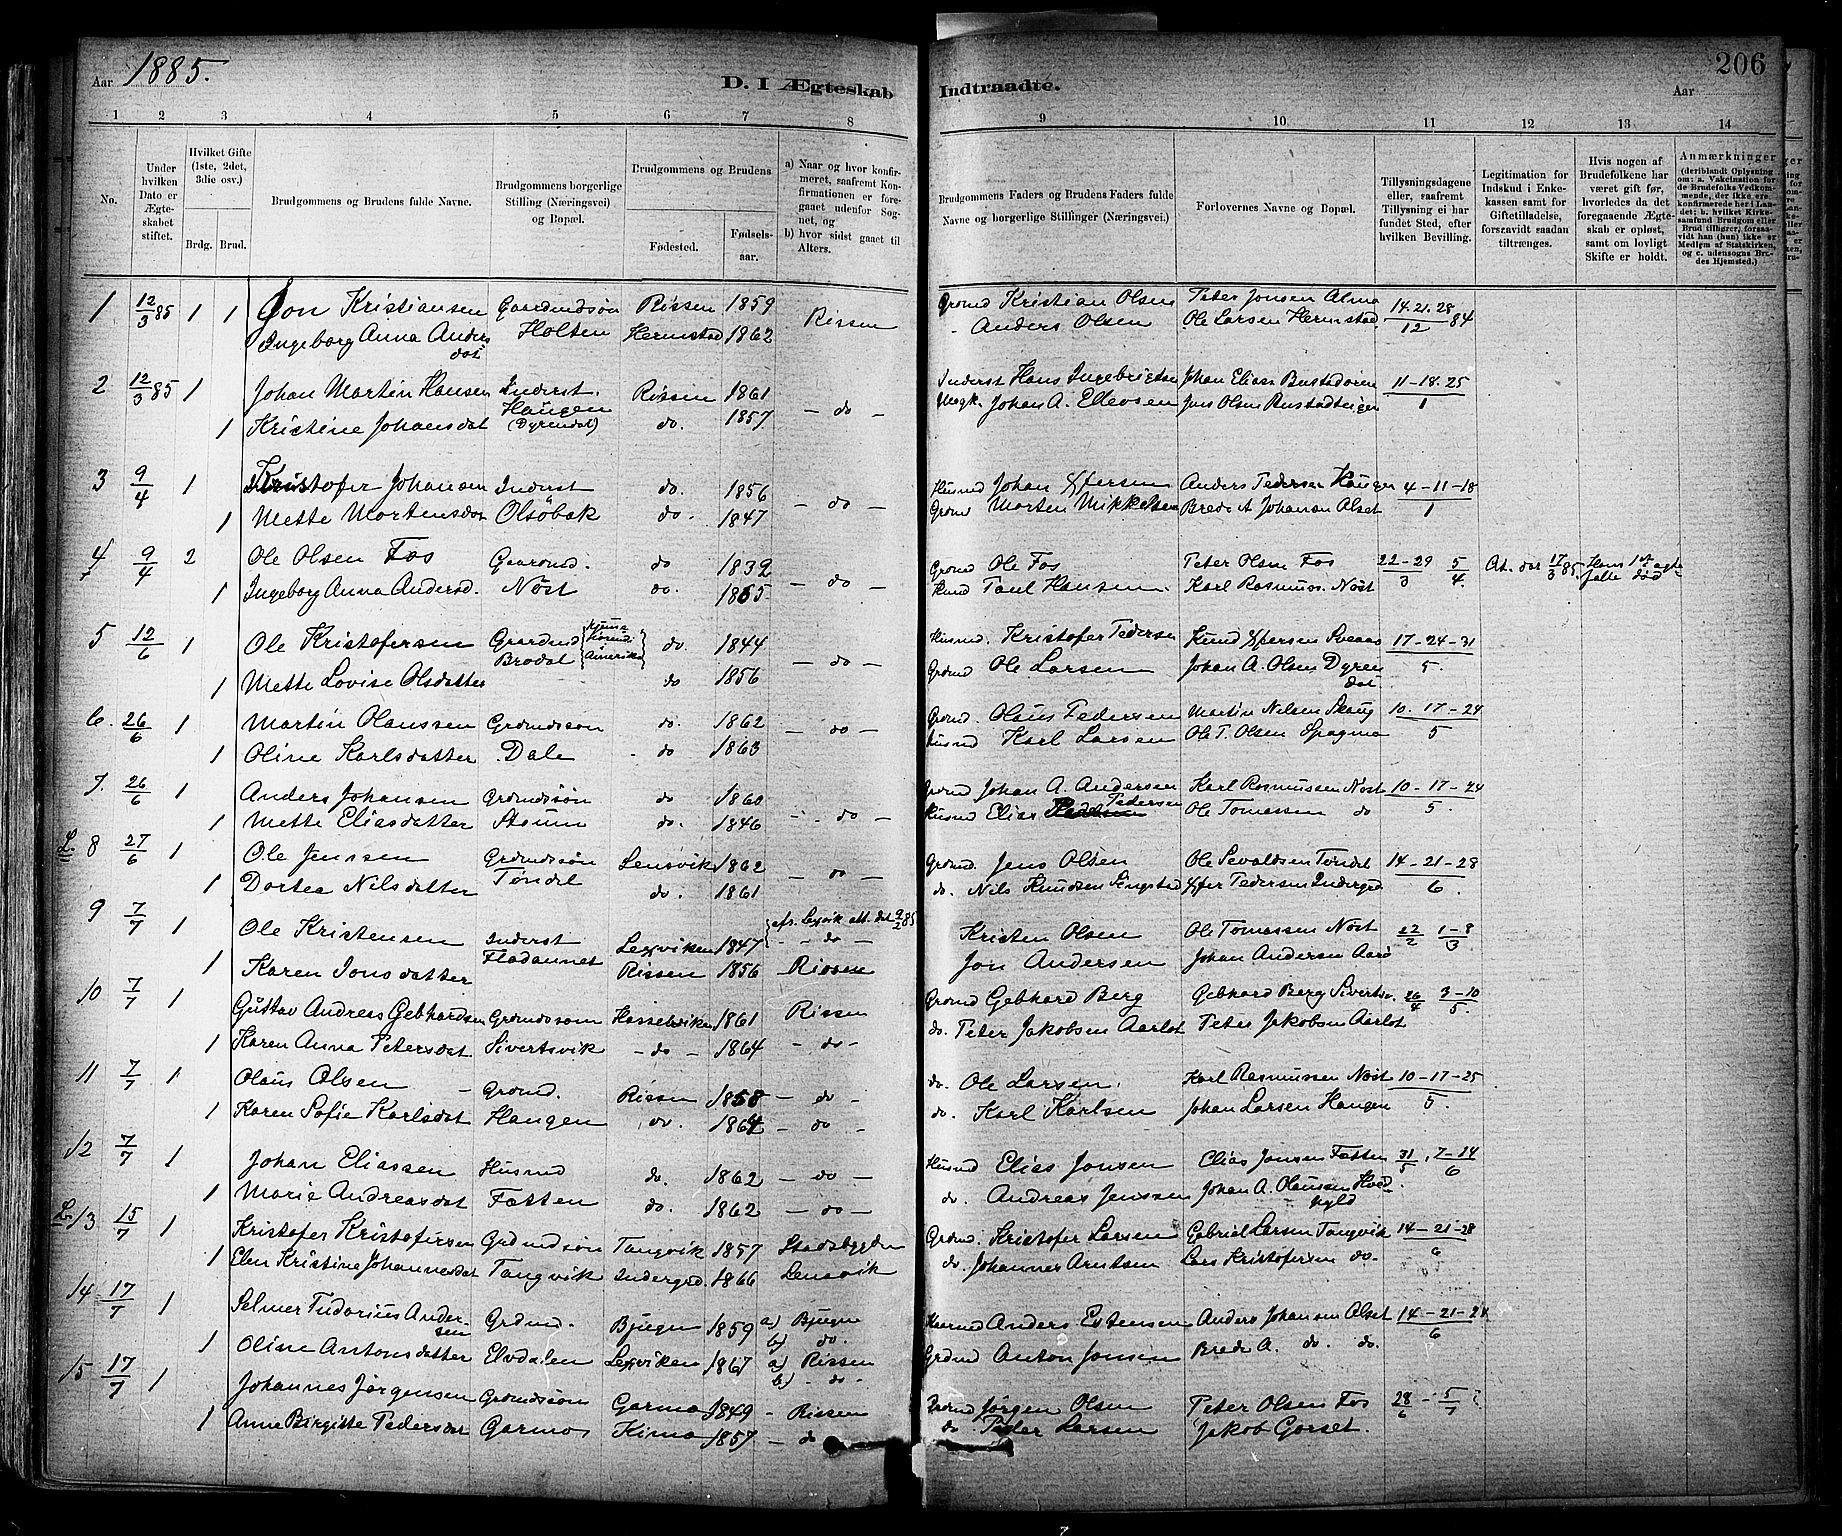 SAT, Ministerialprotokoller, klokkerbøker og fødselsregistre - Sør-Trøndelag, 647/L0634: Ministerialbok nr. 647A01, 1885-1896, s. 206